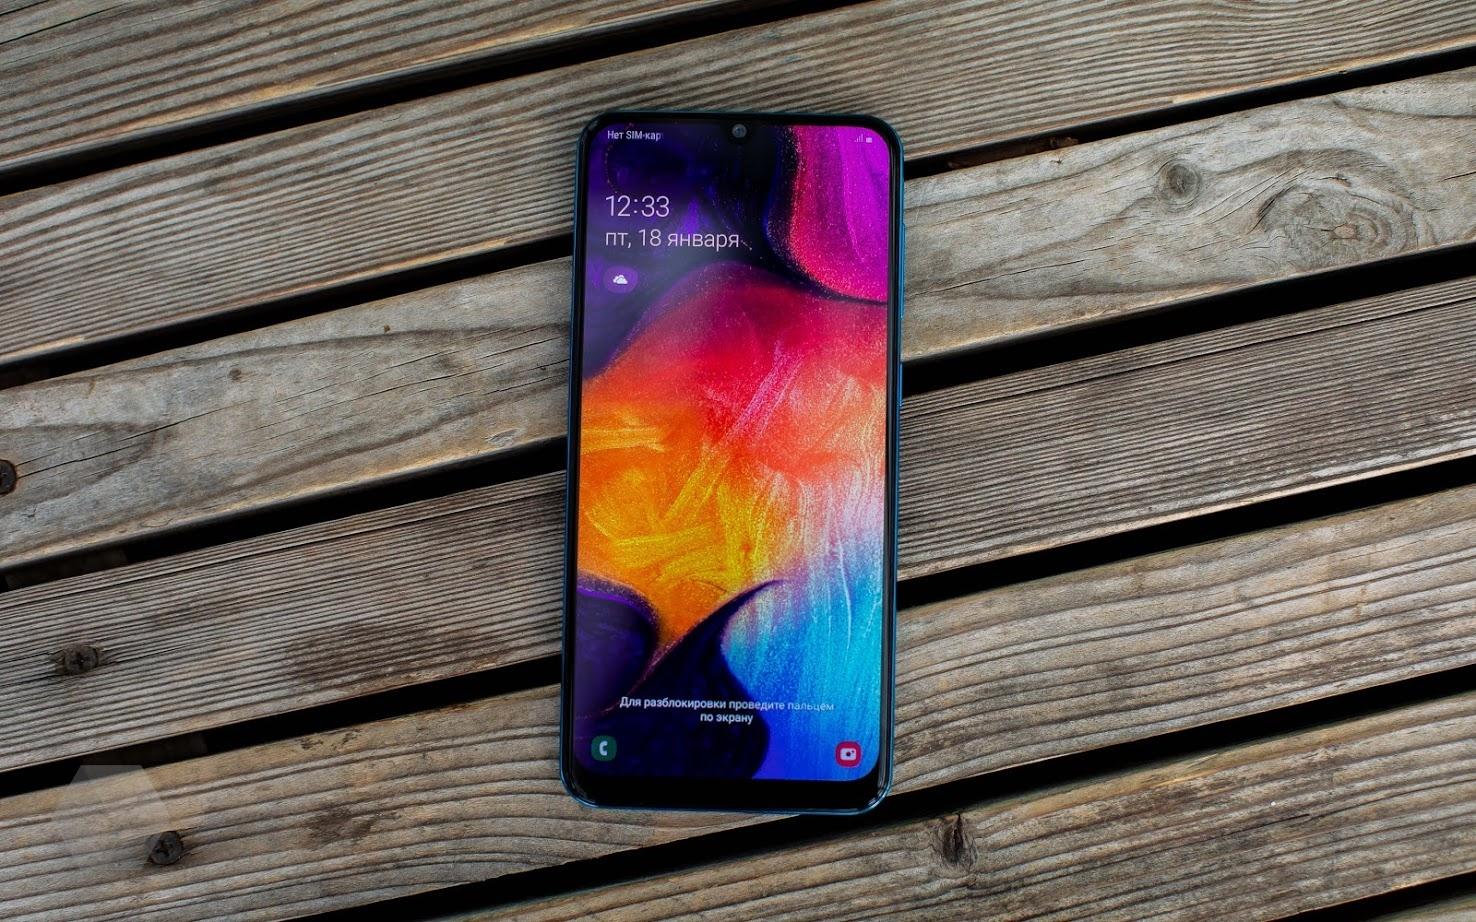 Обзор Samsung Galaxy A30 и A50 — вся власть экрану8